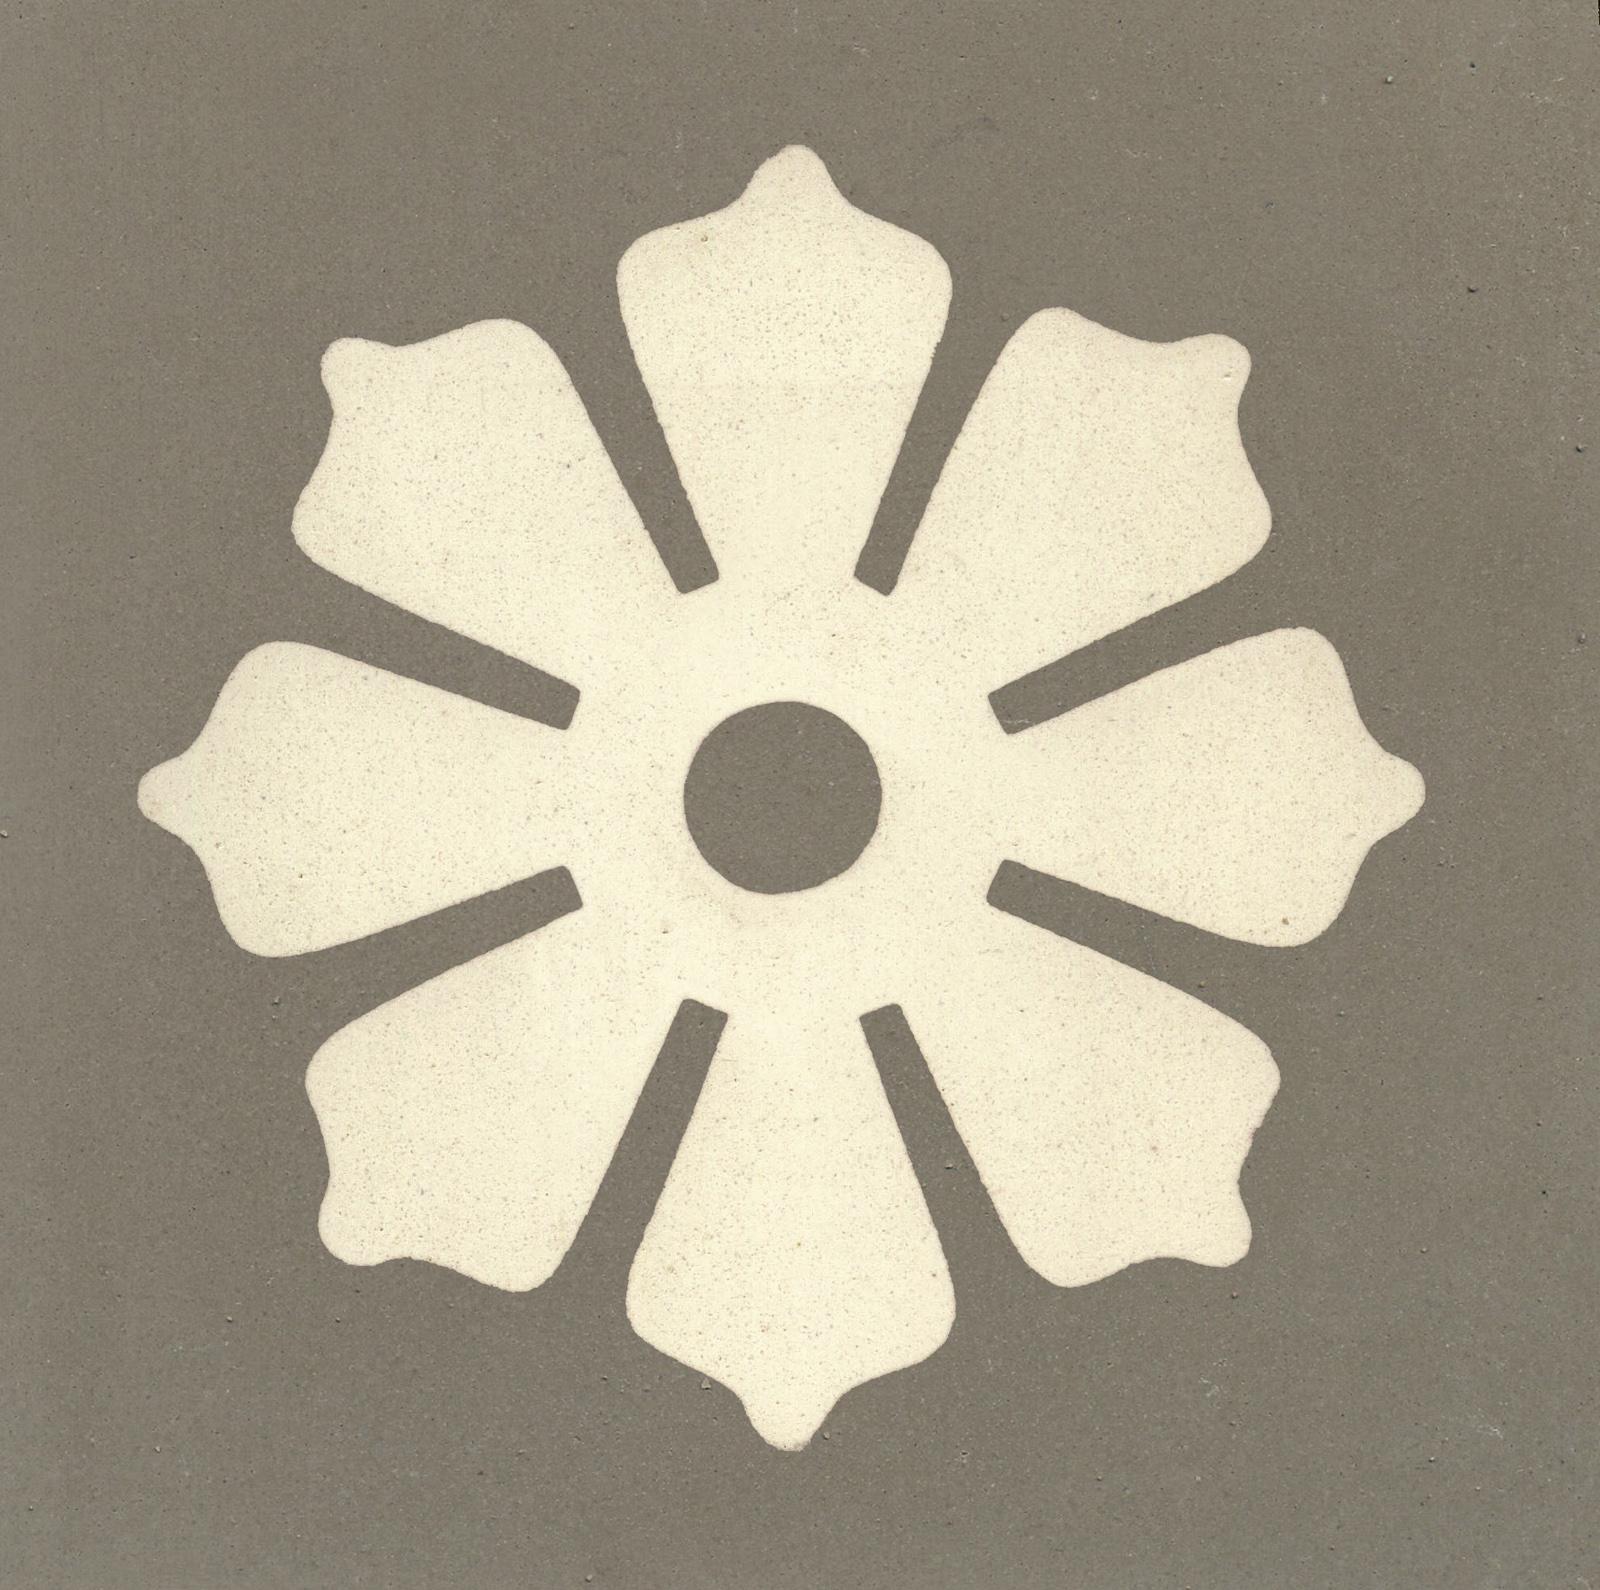 zementmosaikfliesen-nr.51056-viaplatten | 51056/150